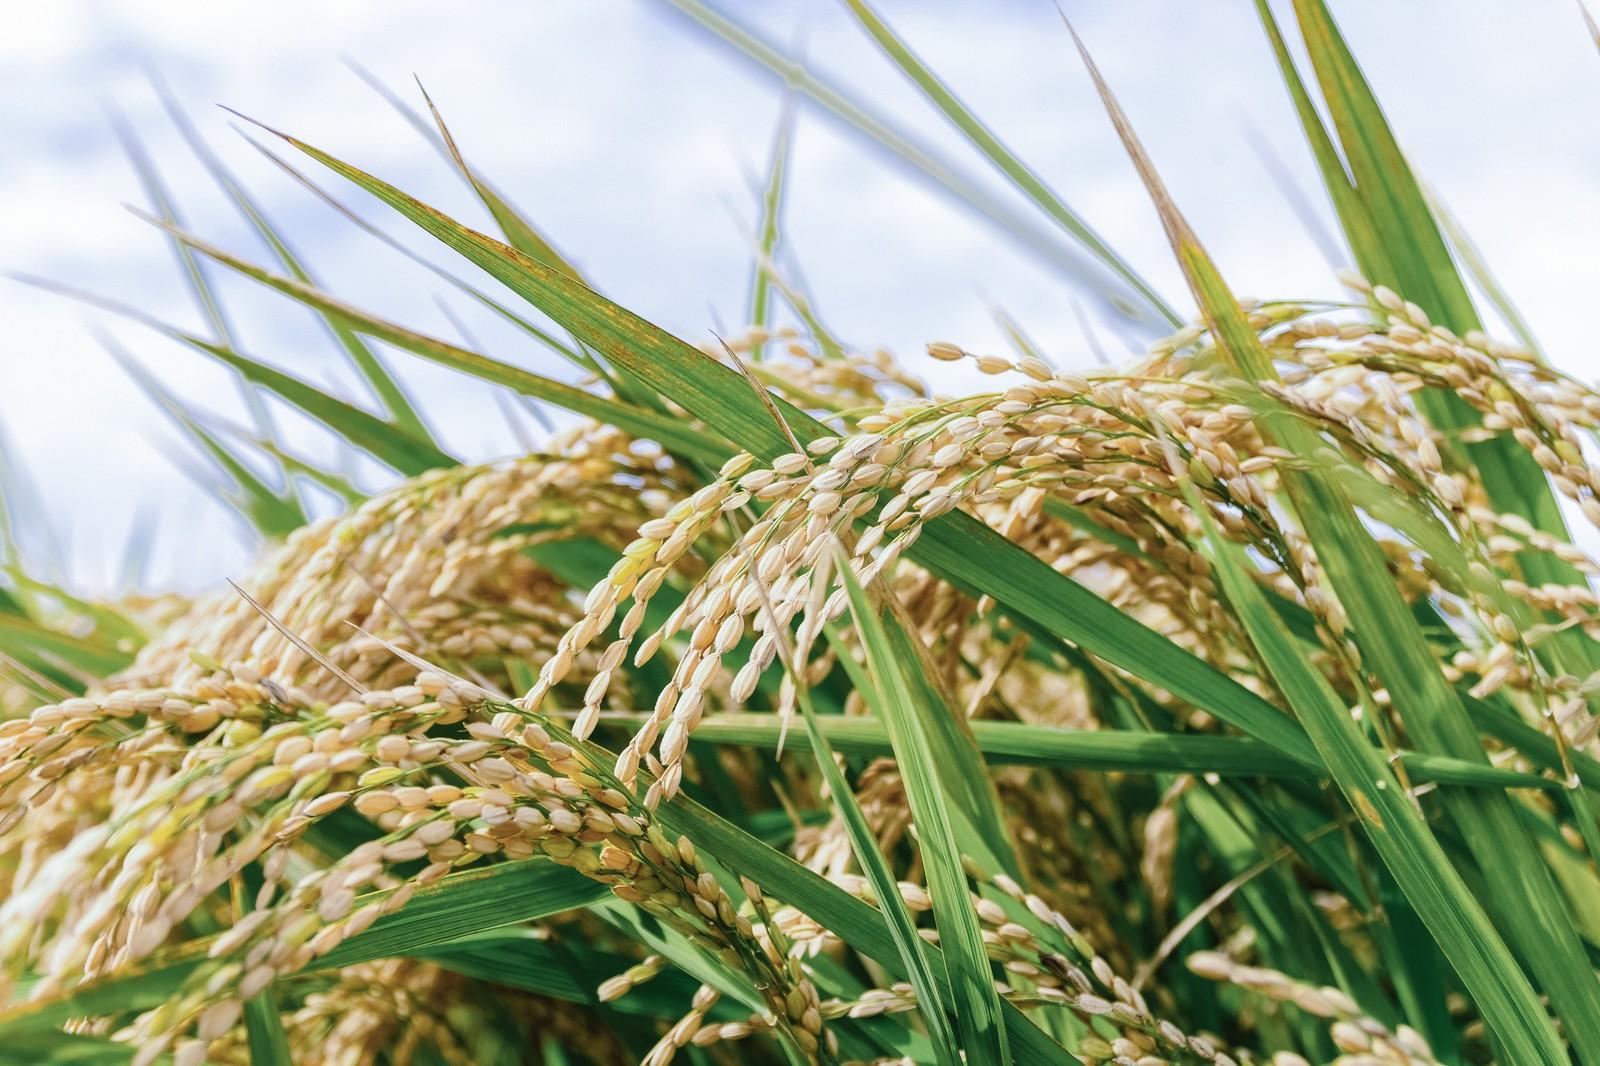 お米の品種は何種類くらいあるの?日本で有名な品種って?